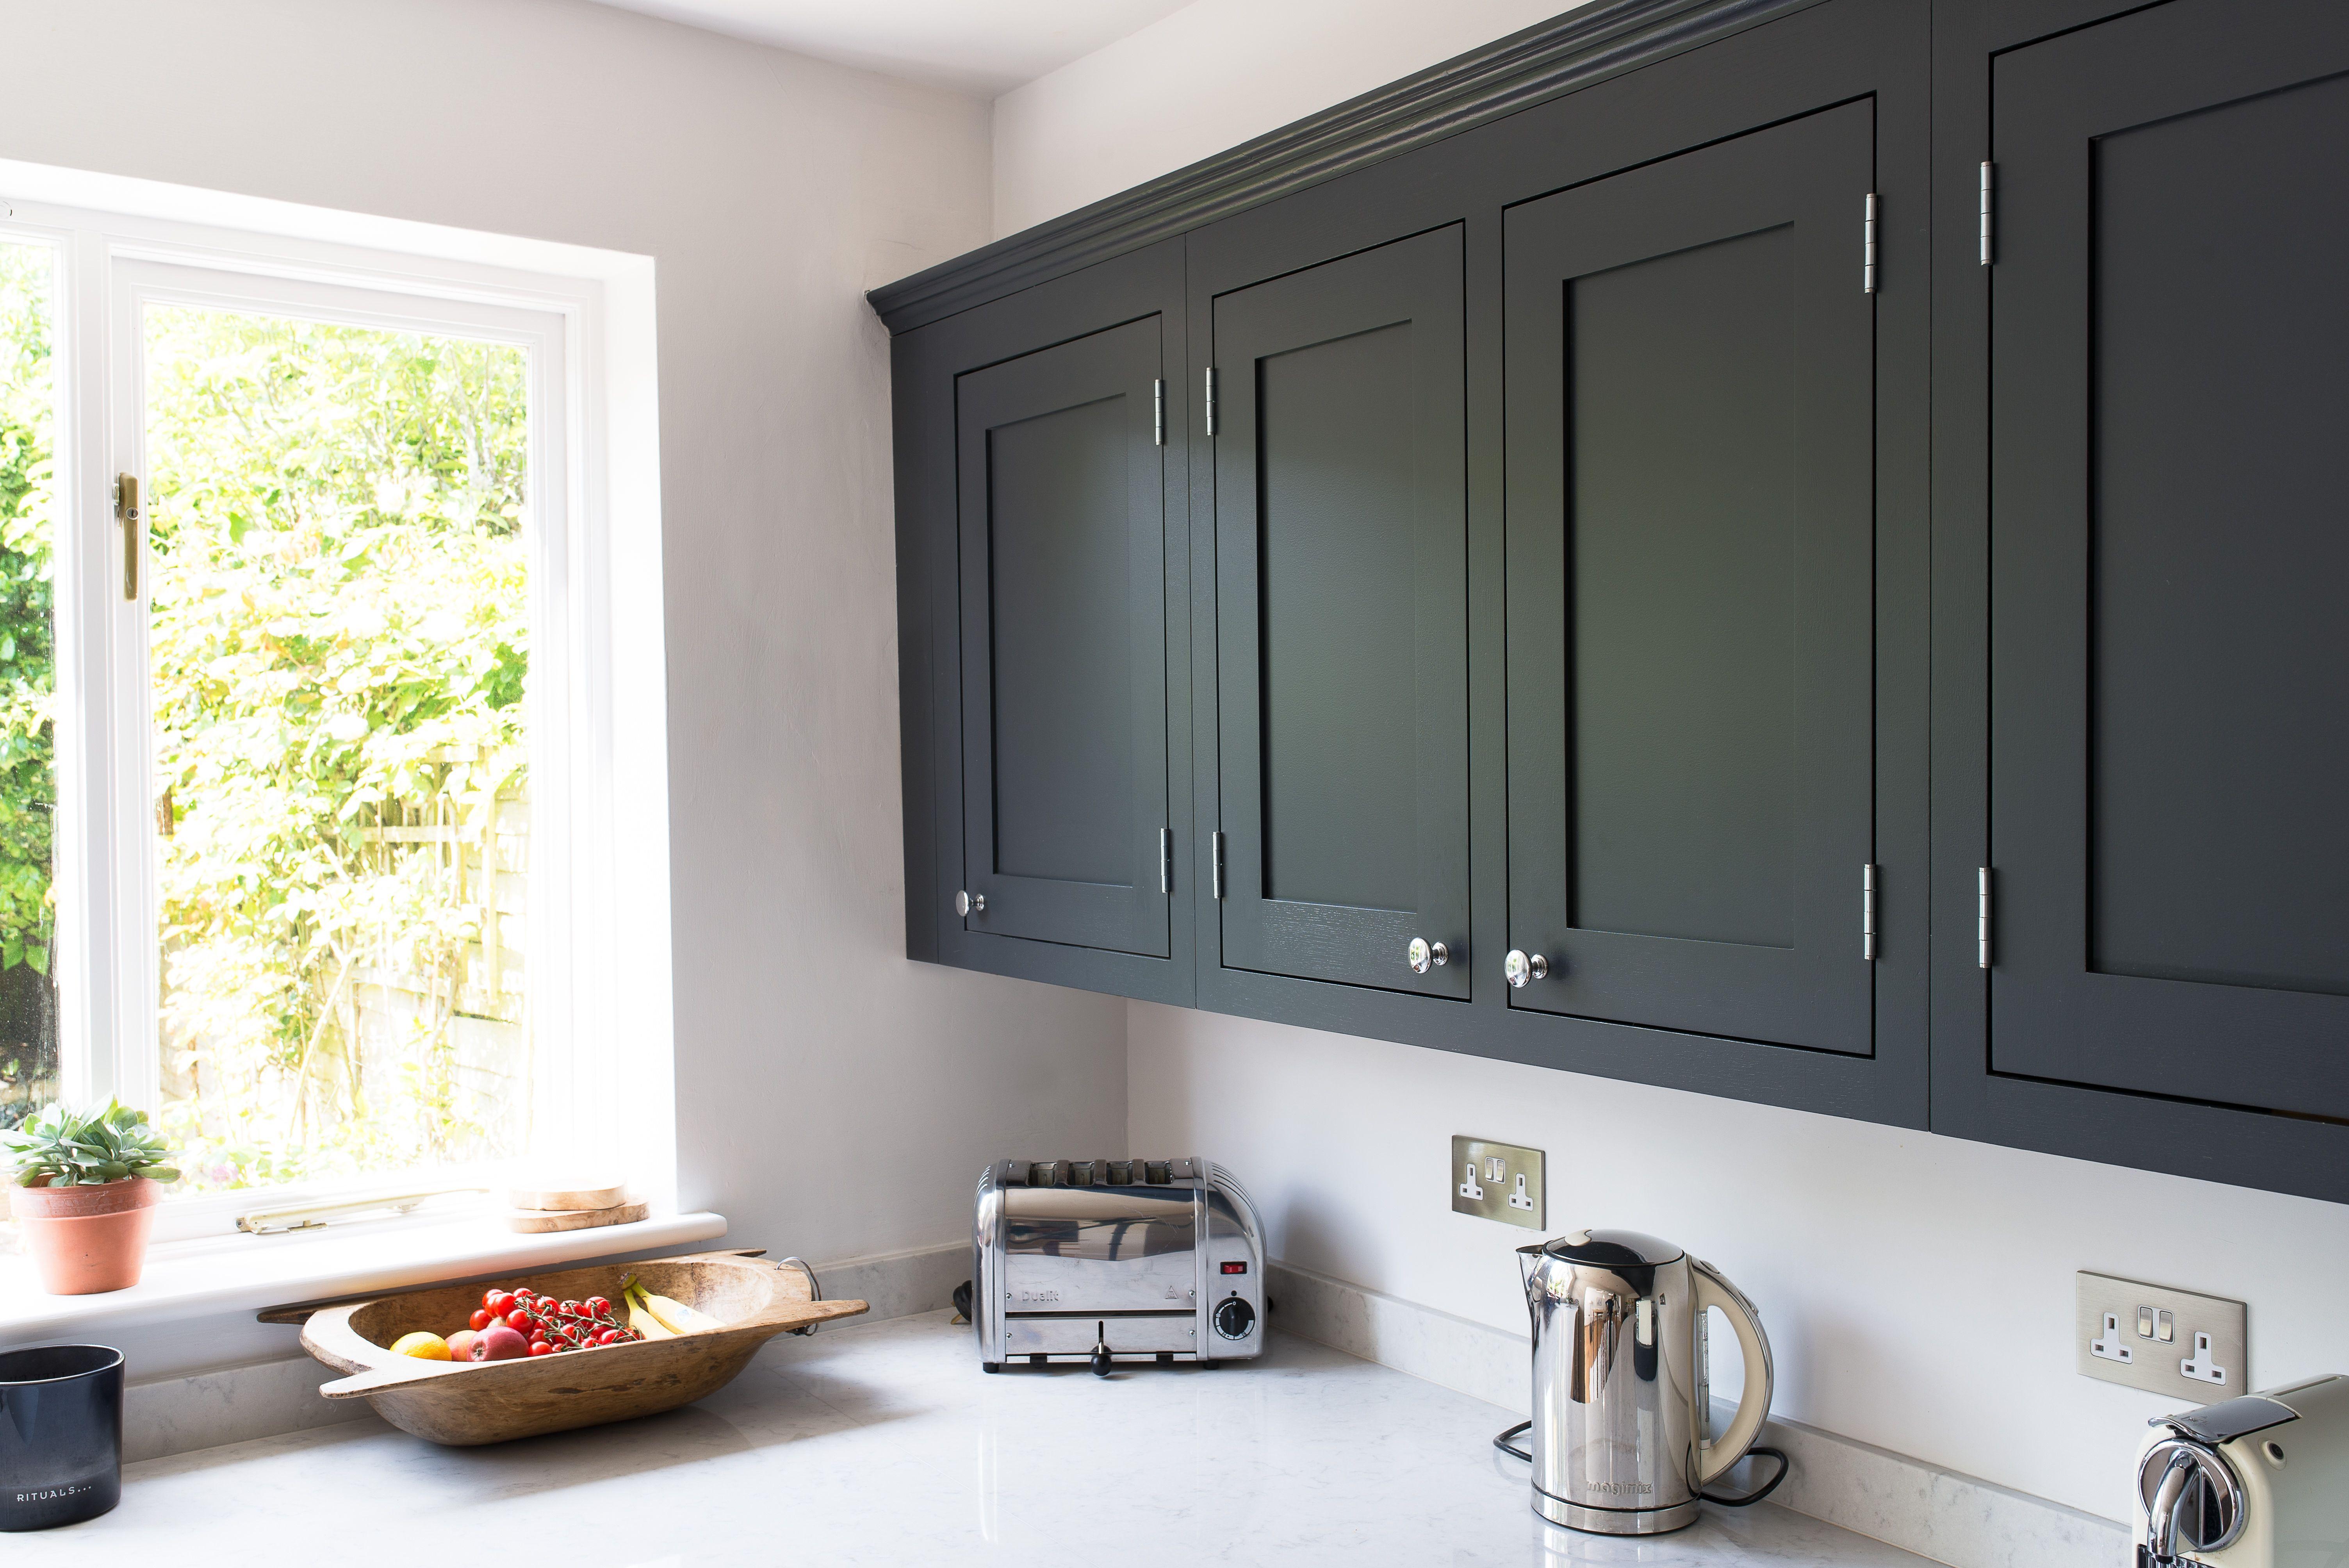 Fein Bq Elfenbein Shaker Küchentüren Fotos - Ideen Für Die Küche ...